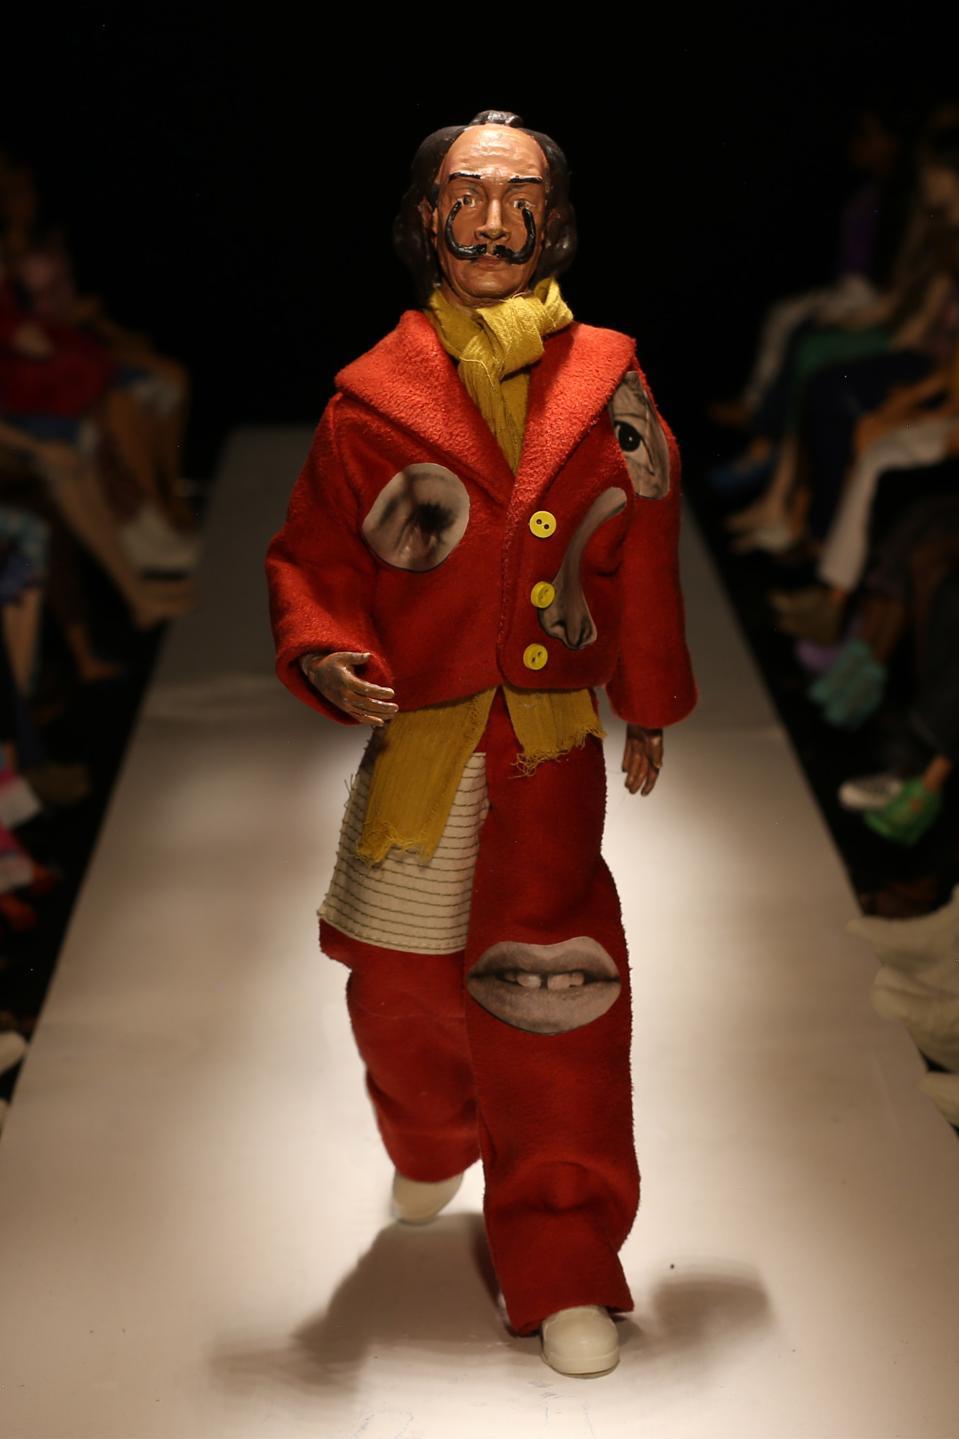 L'artiste Salvador Dali interprété par Dillane sur une poupée Barbie pour son défilé printemps 2021.